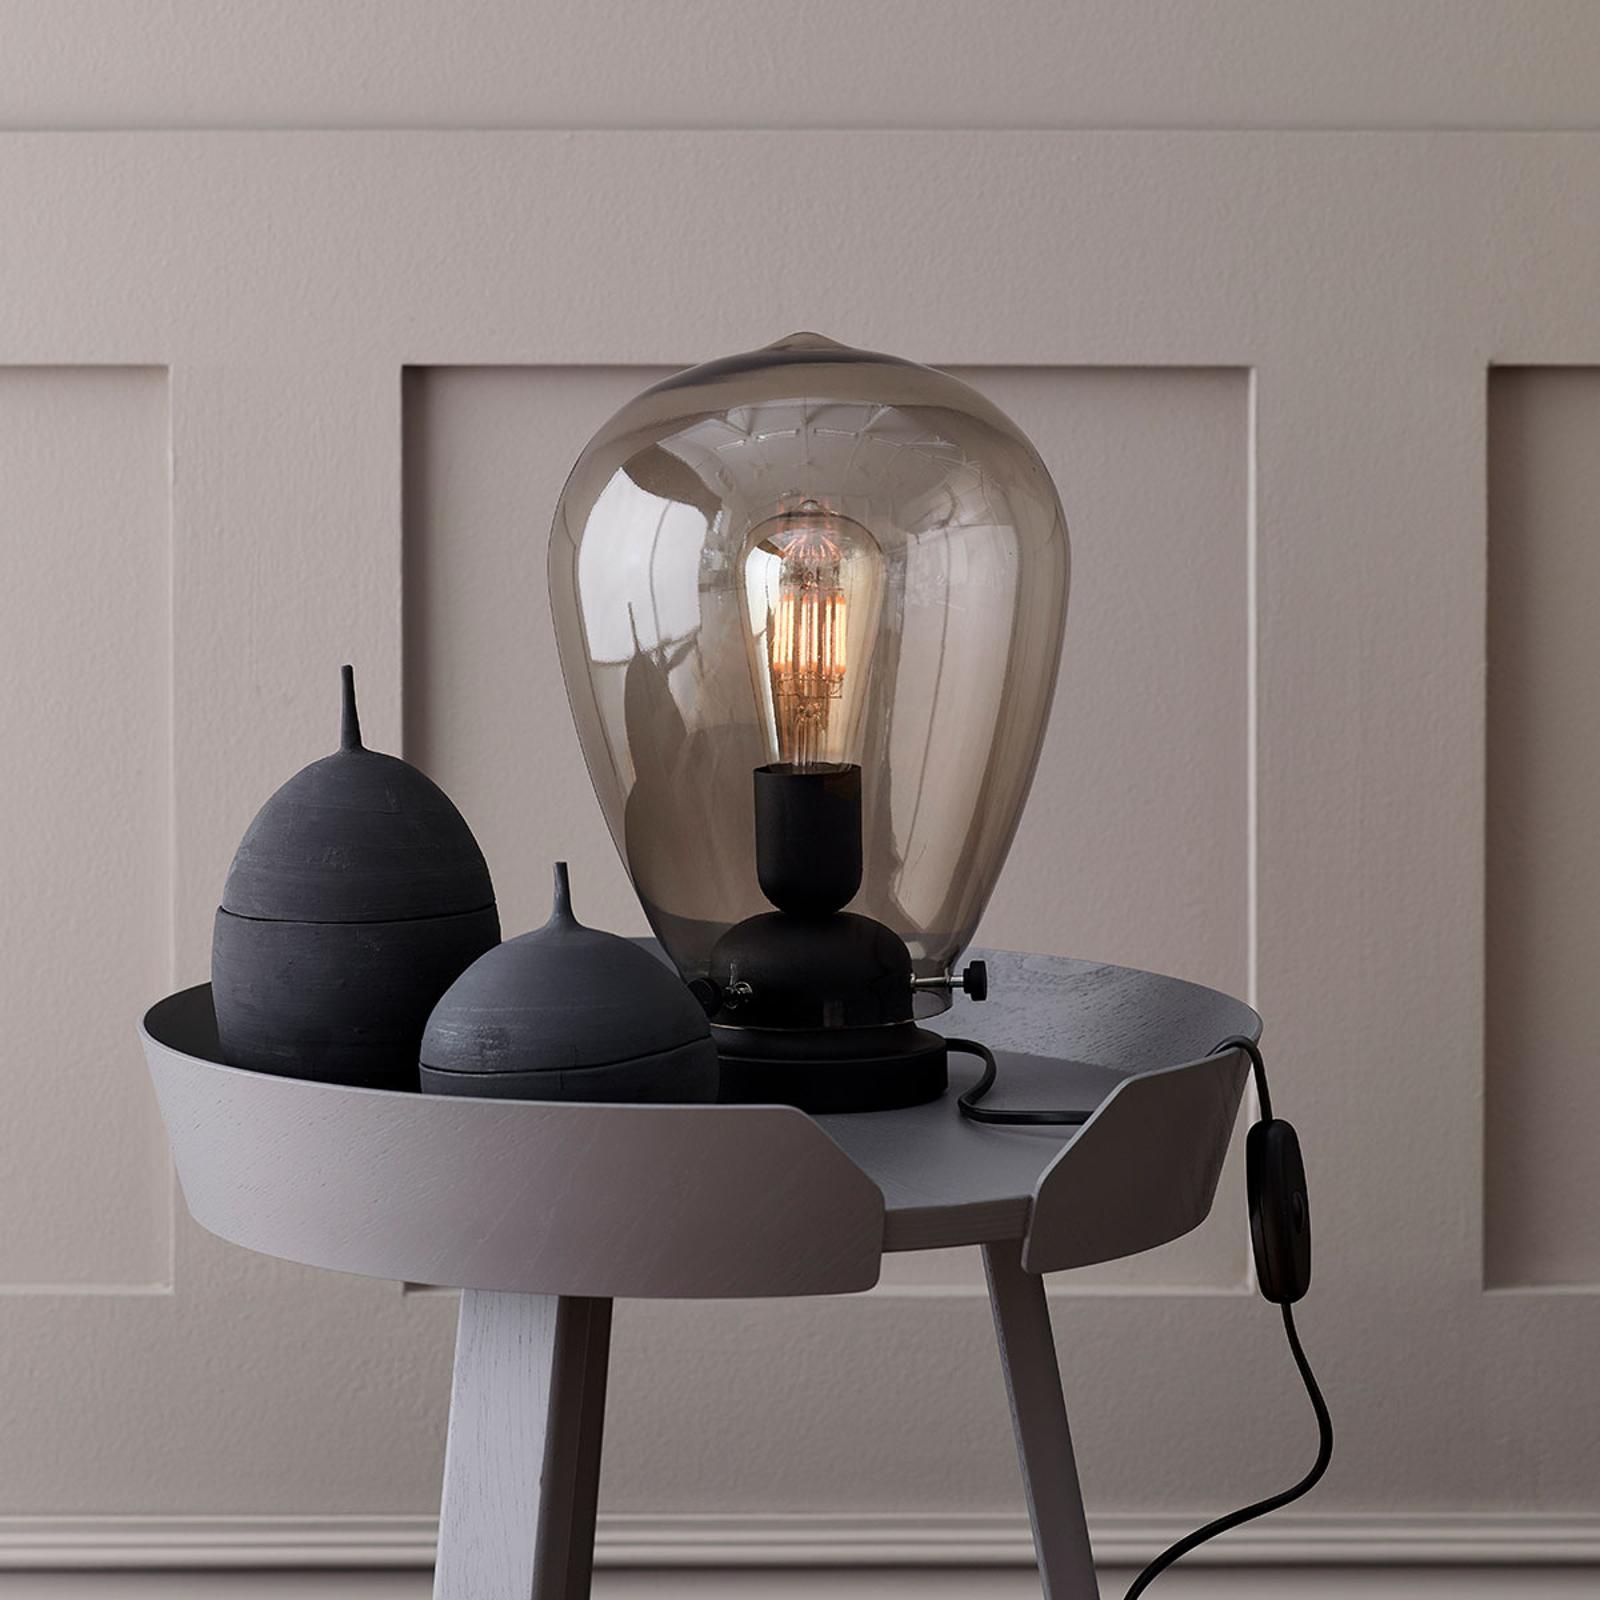 Tischlampe Dolores schwarzes Gestell, Rauchglas